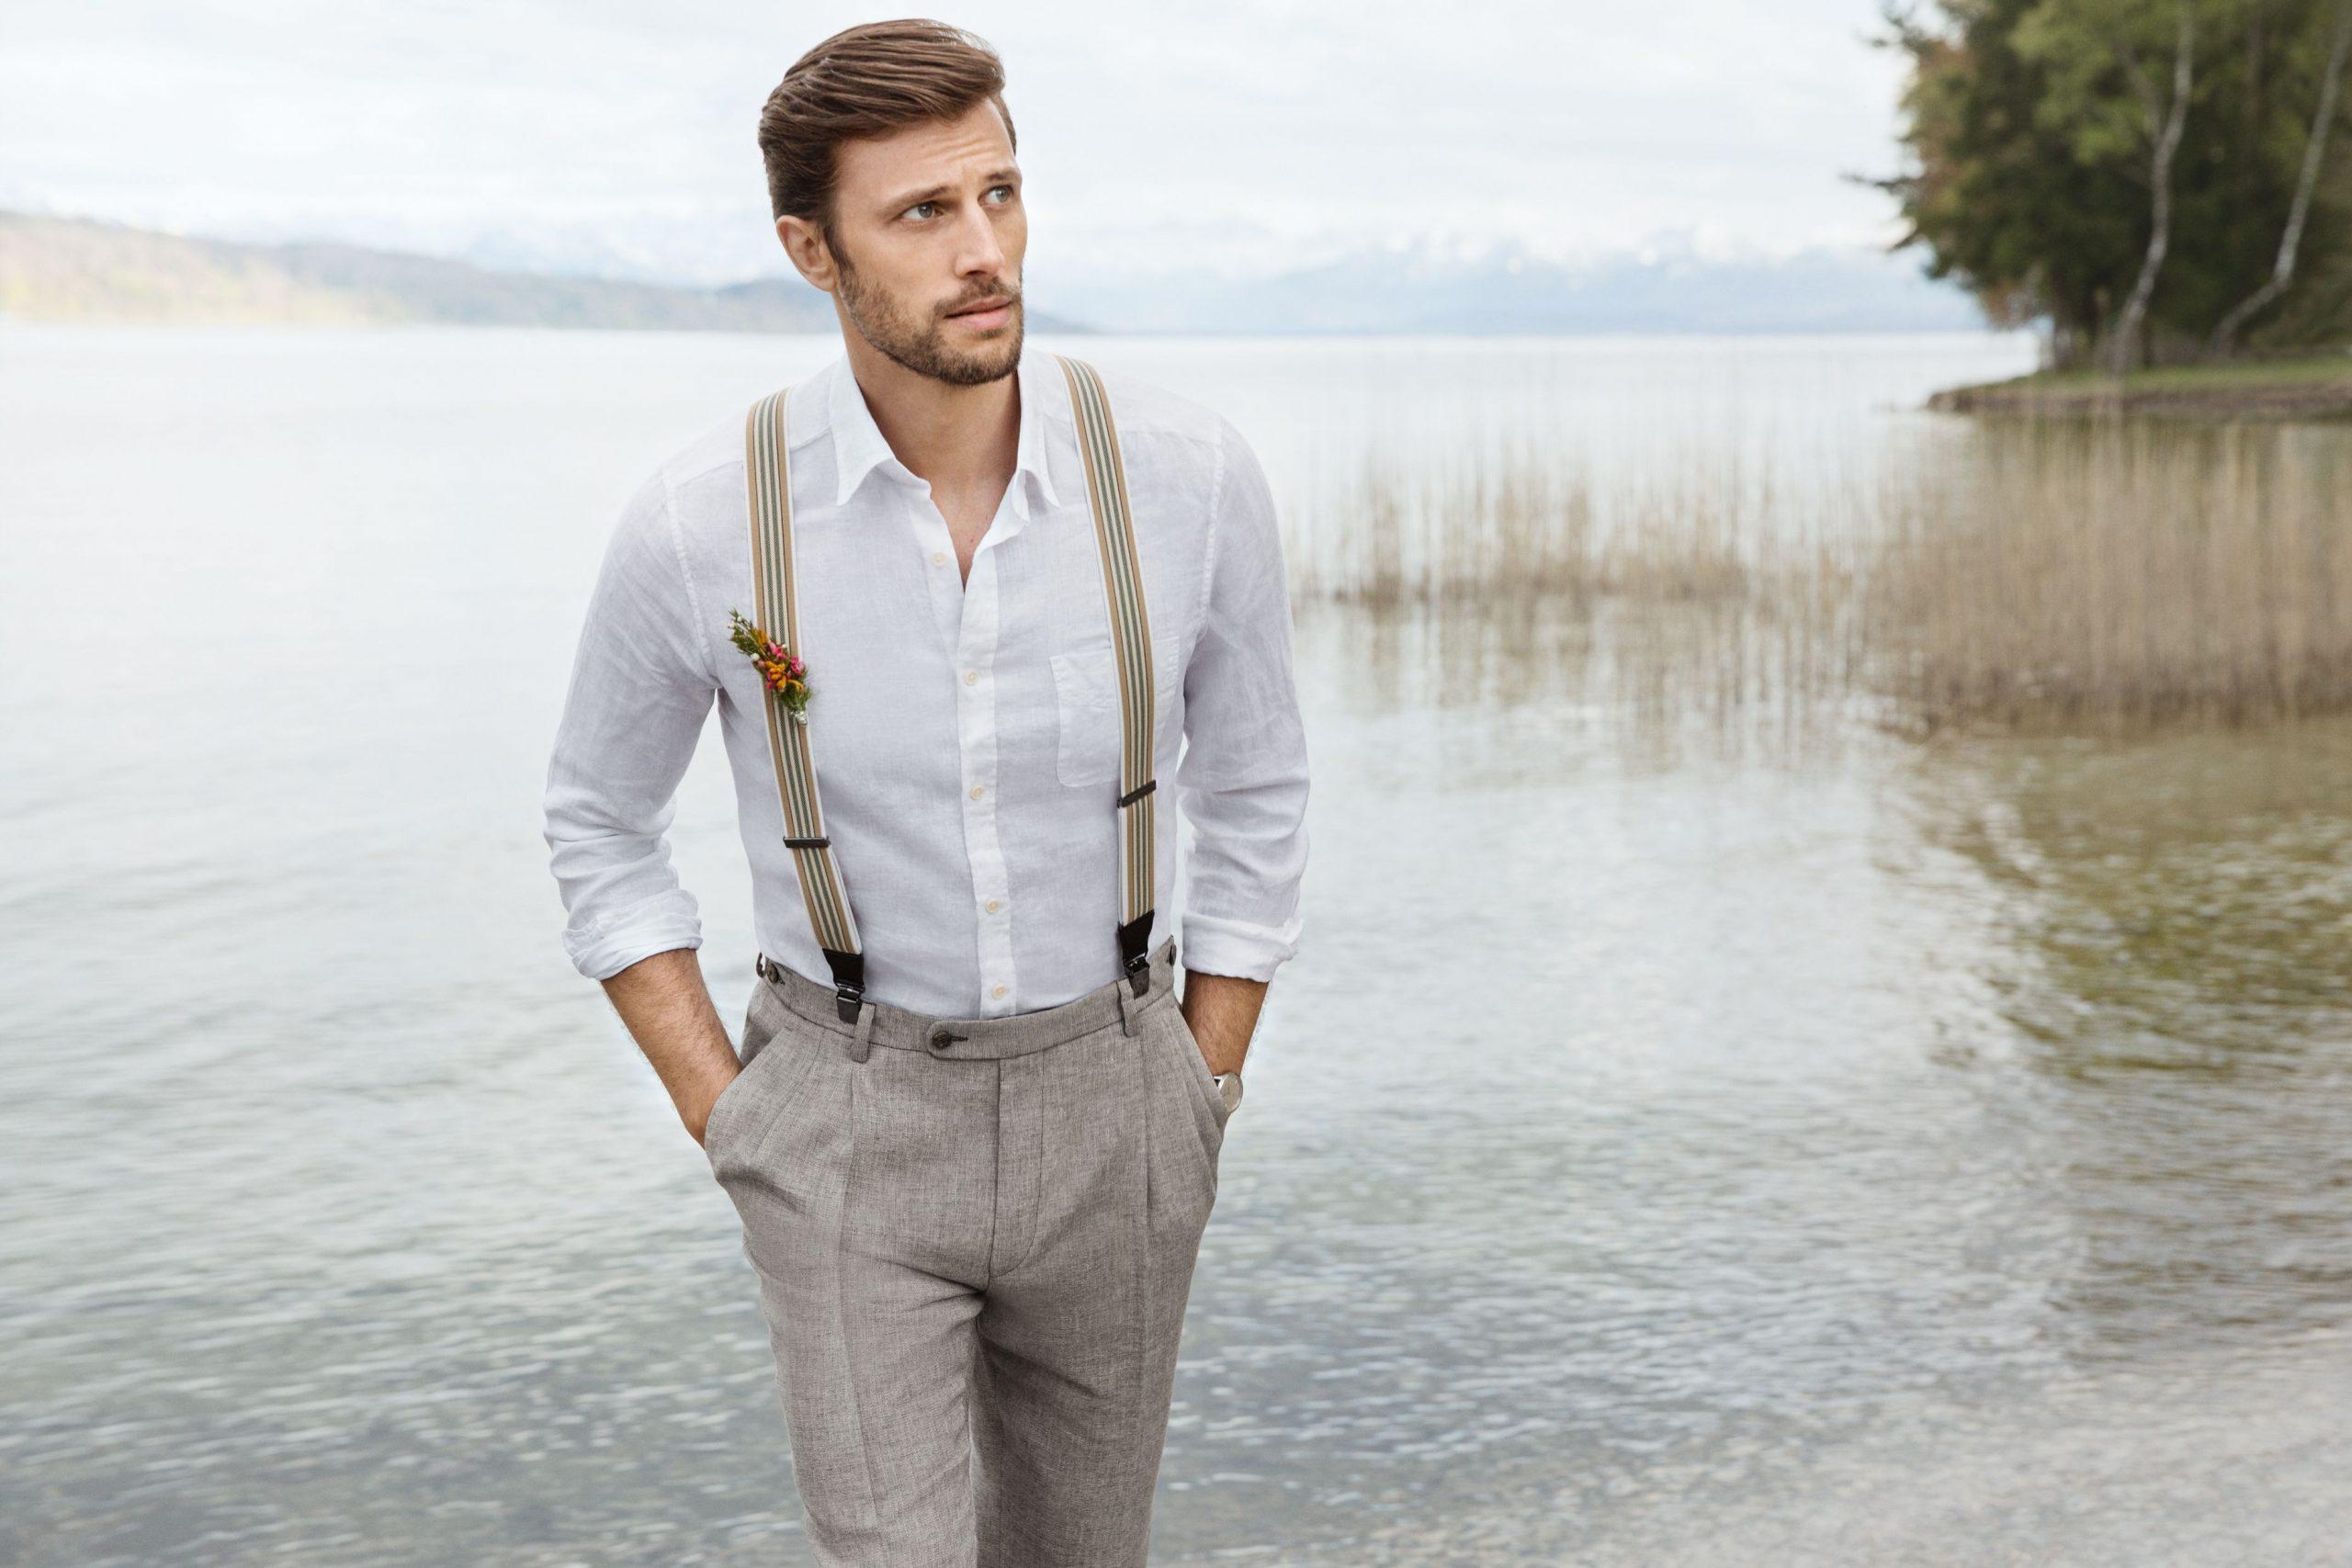 Hochzeitsanzug Im Vintage-Look – Mit Leinenhose Und